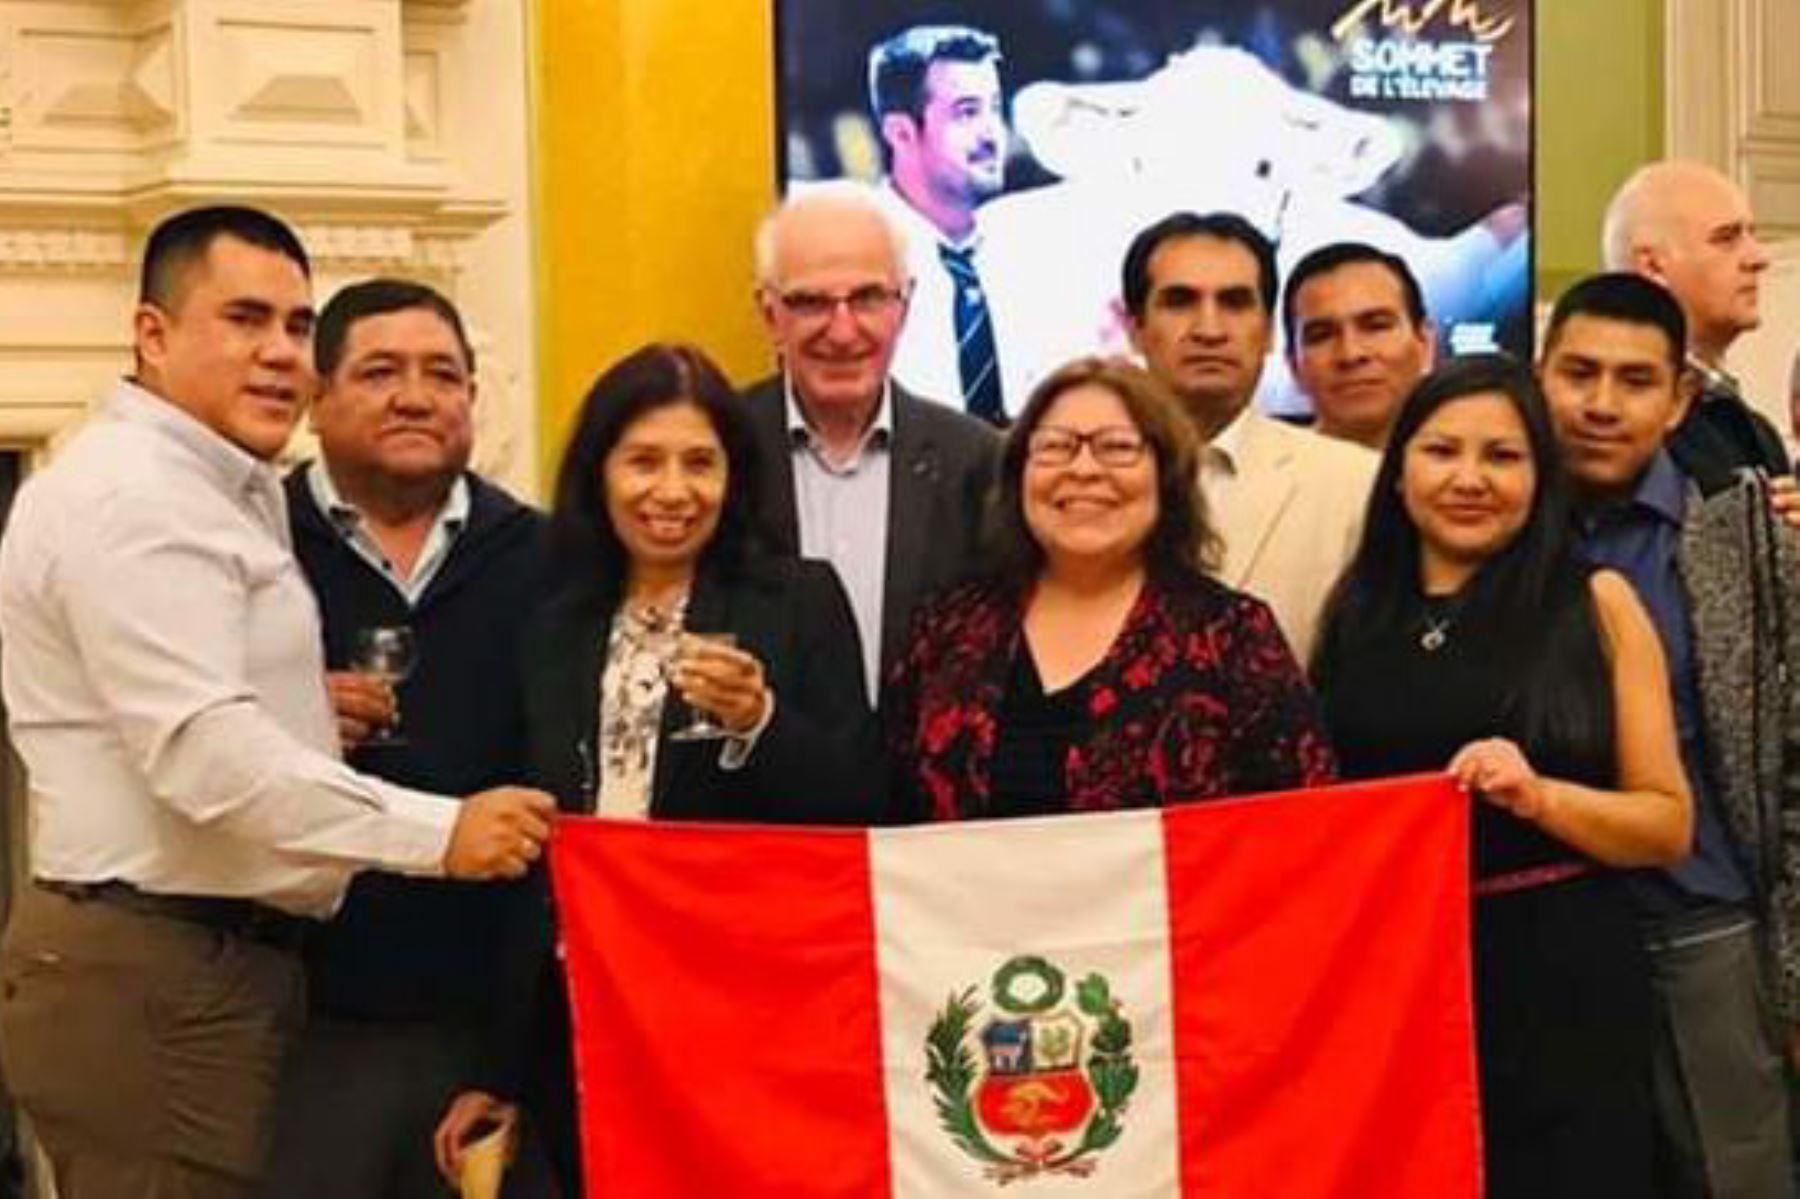 Cinco empresarios del sector lácteos y carnes de la región Arequipa participaron en la feria internacional Sommet de L'Élevage en Francia.